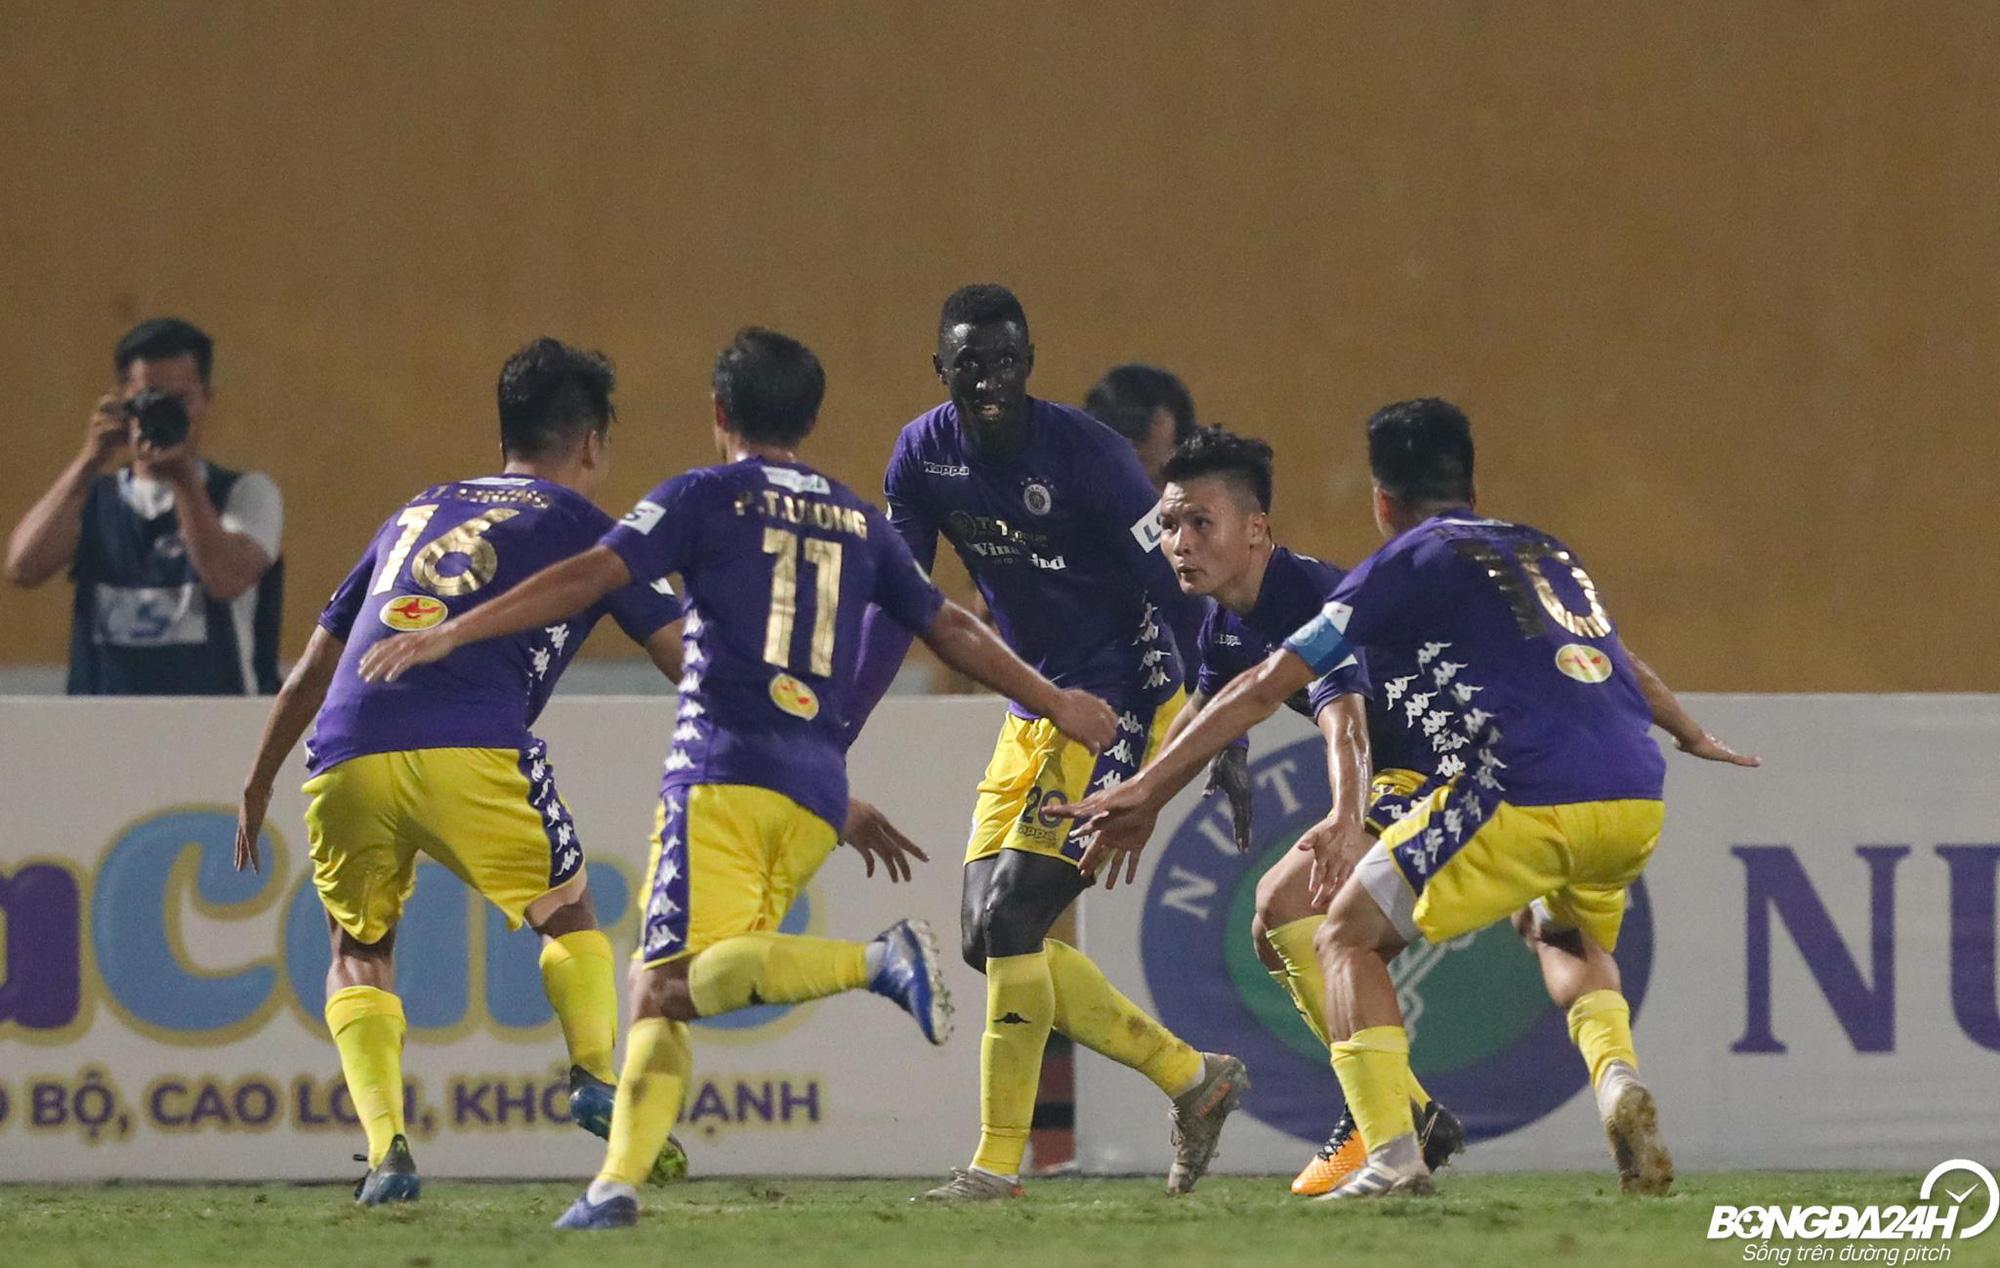 Hà Nội FC thua 2 trận V.League, Quang Hải bày tỏ tham vọng lớn! - Ảnh 4.